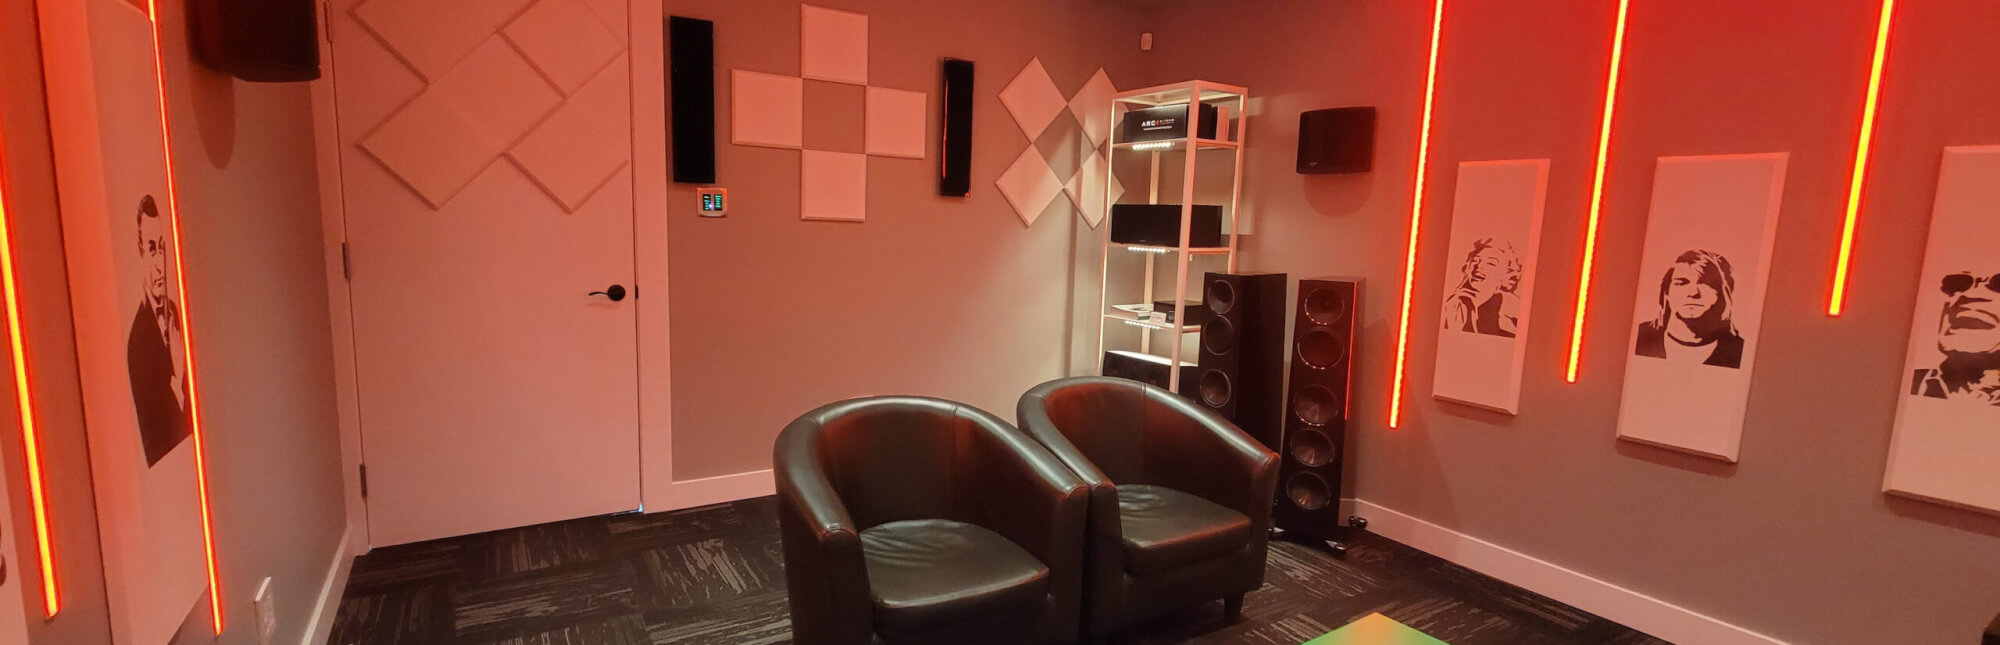 Salle audio visuel